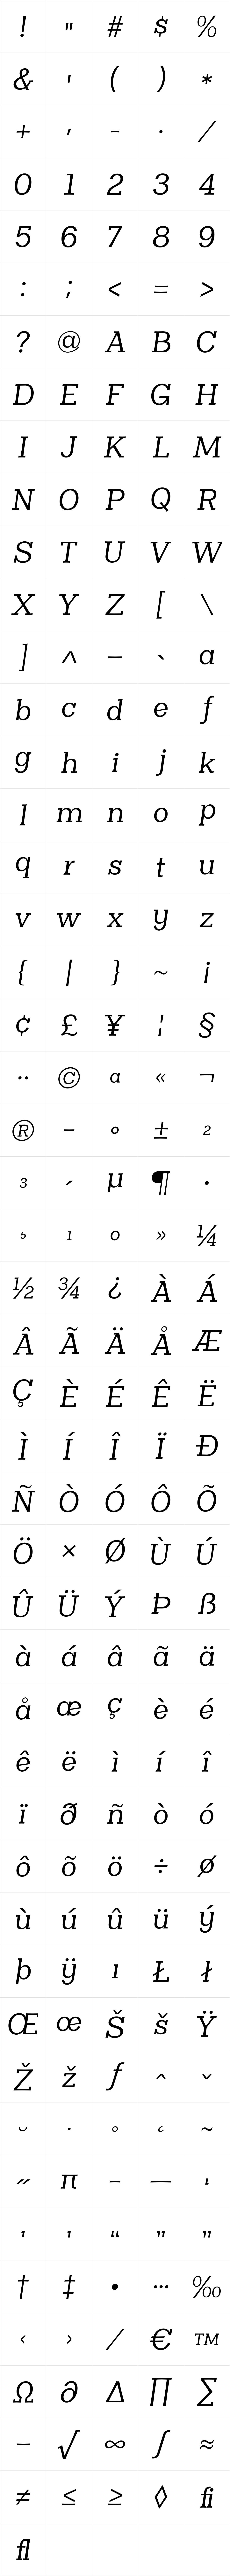 Clasica Slab Italic